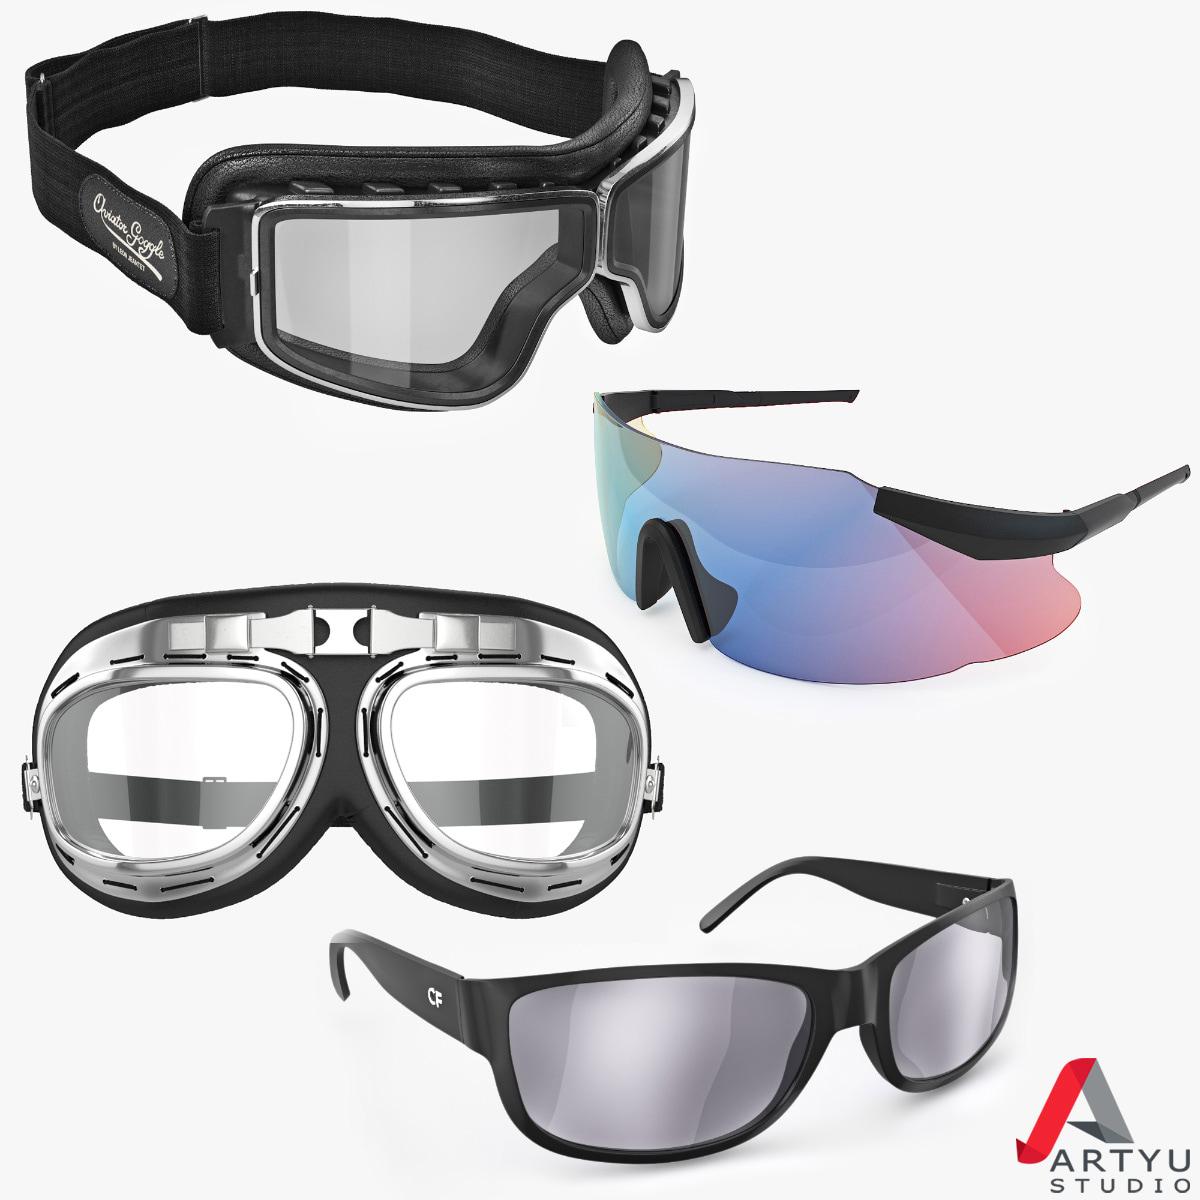 Glasses Set_Basic_1.jpg